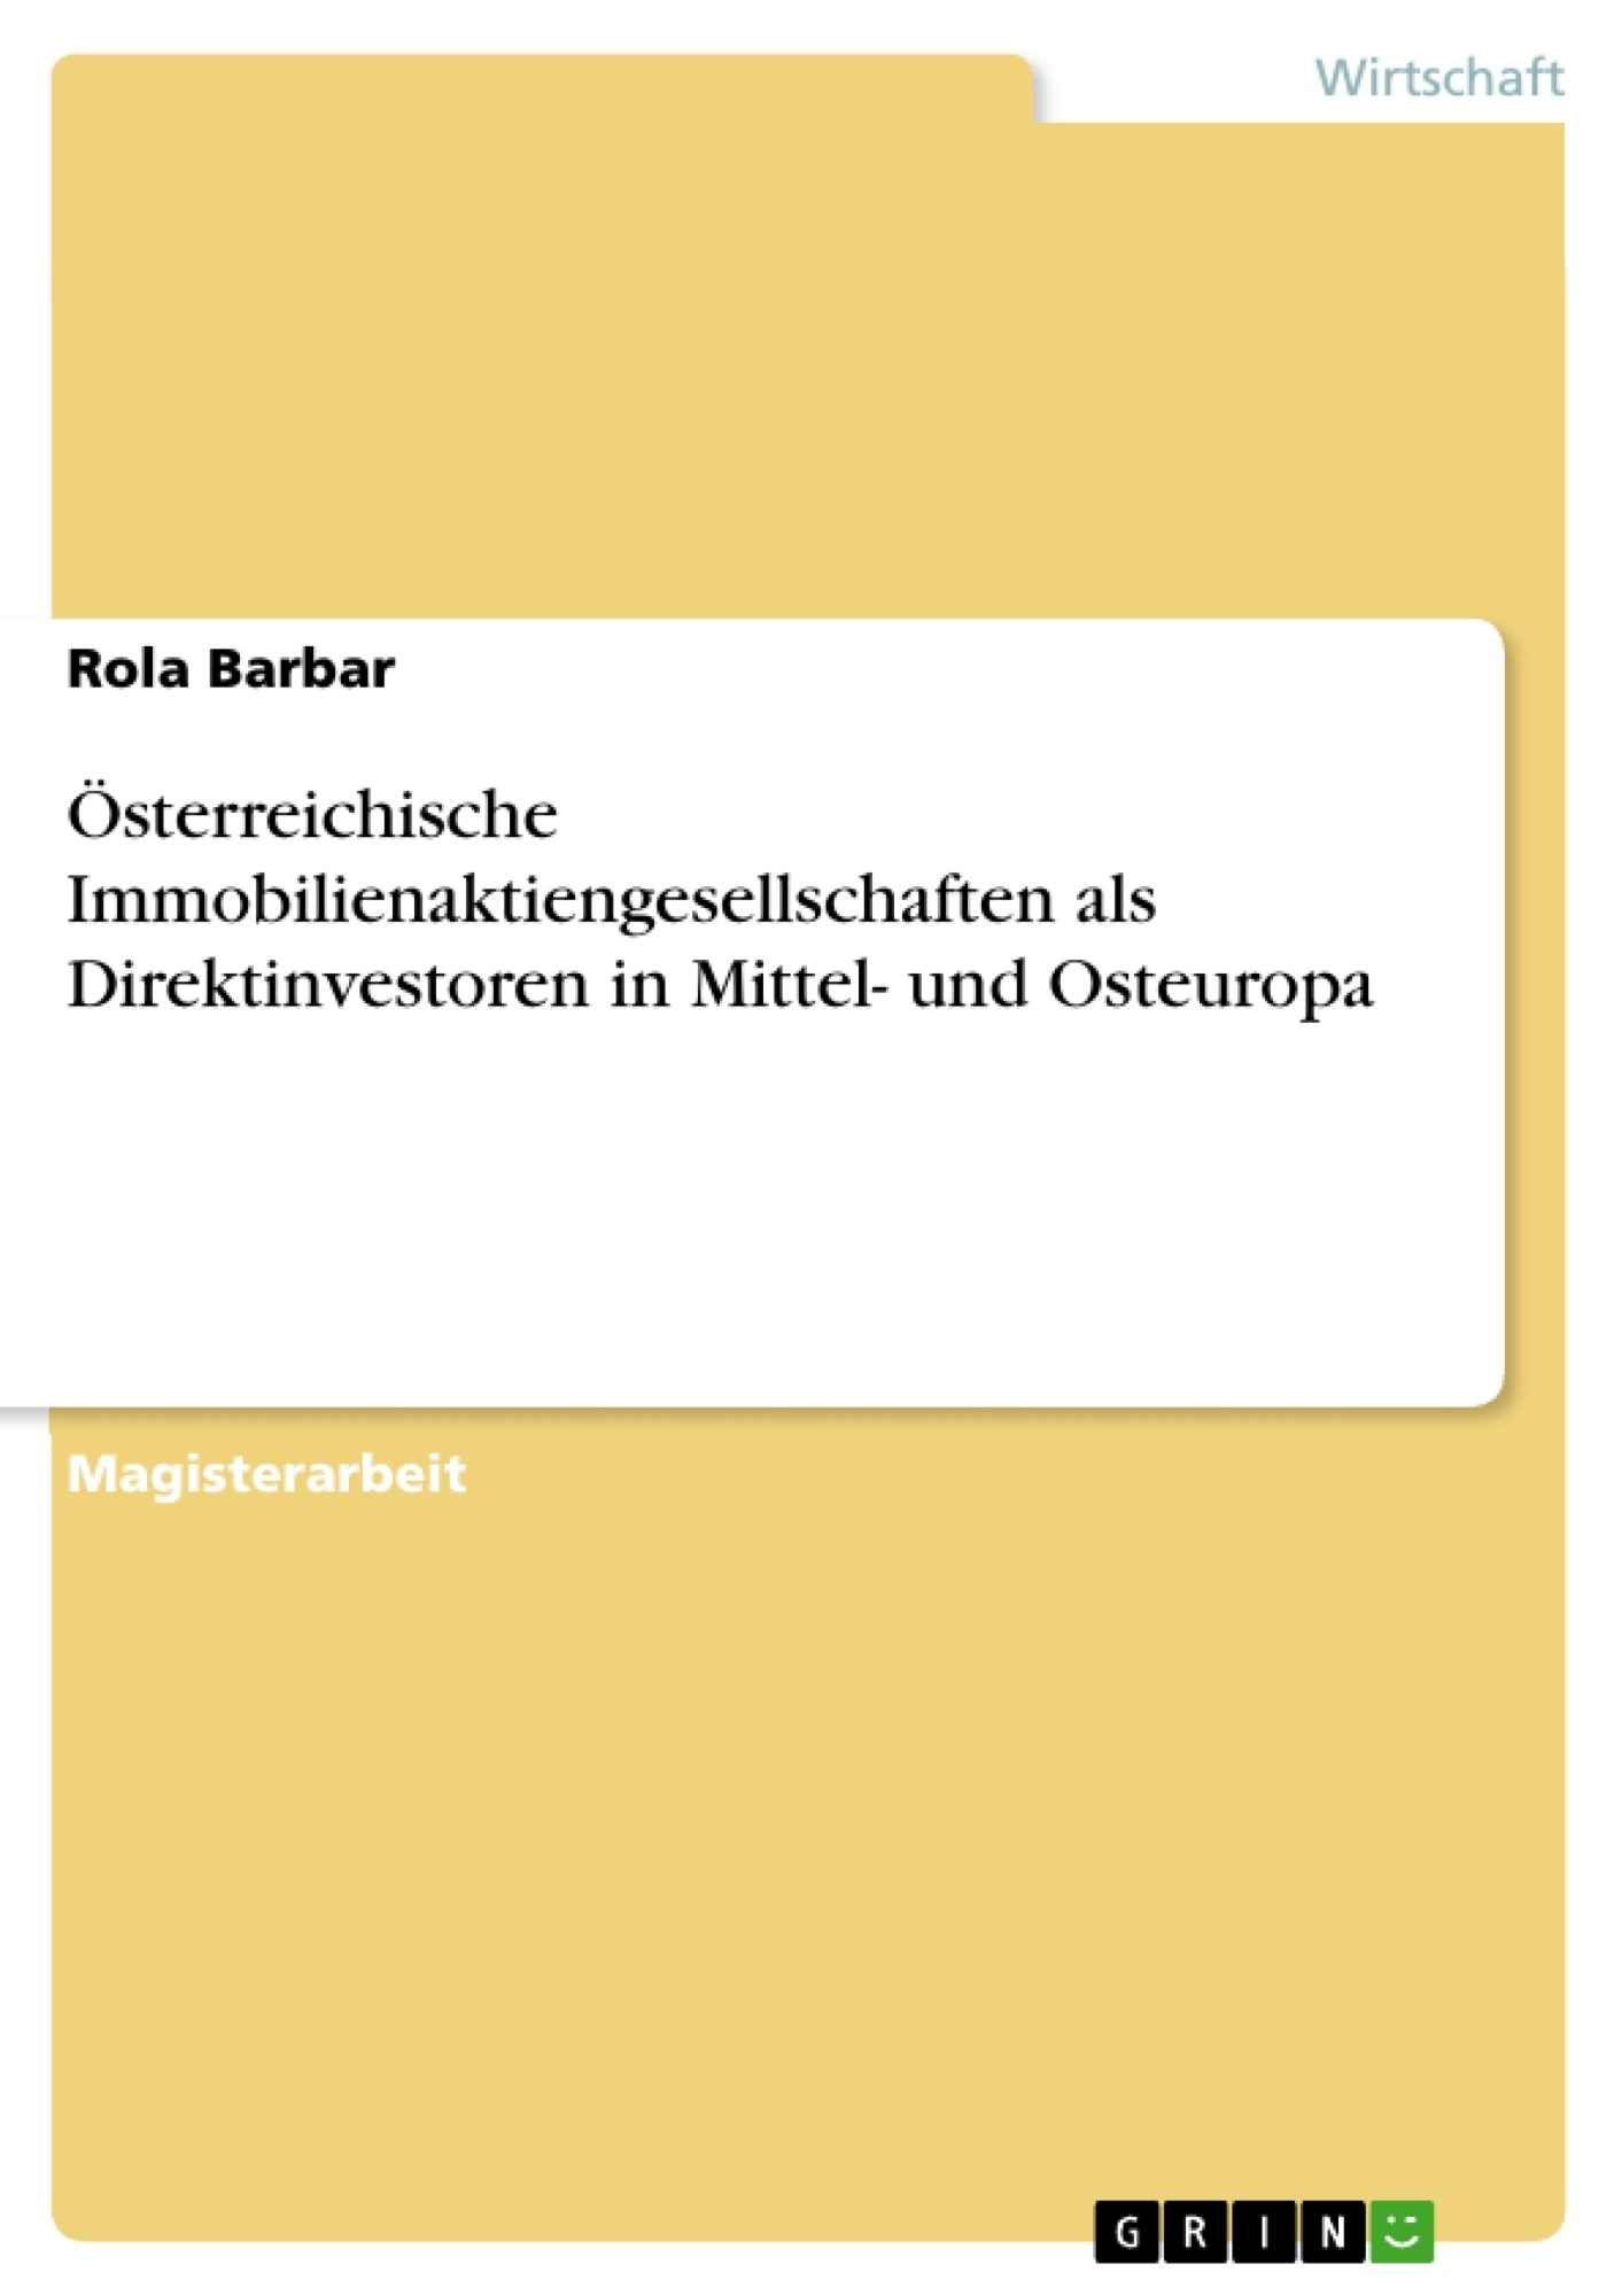 Titel: Österreichische Immobilienaktiengesellschaften als Direktinvestoren in Mittel- und Osteuropa